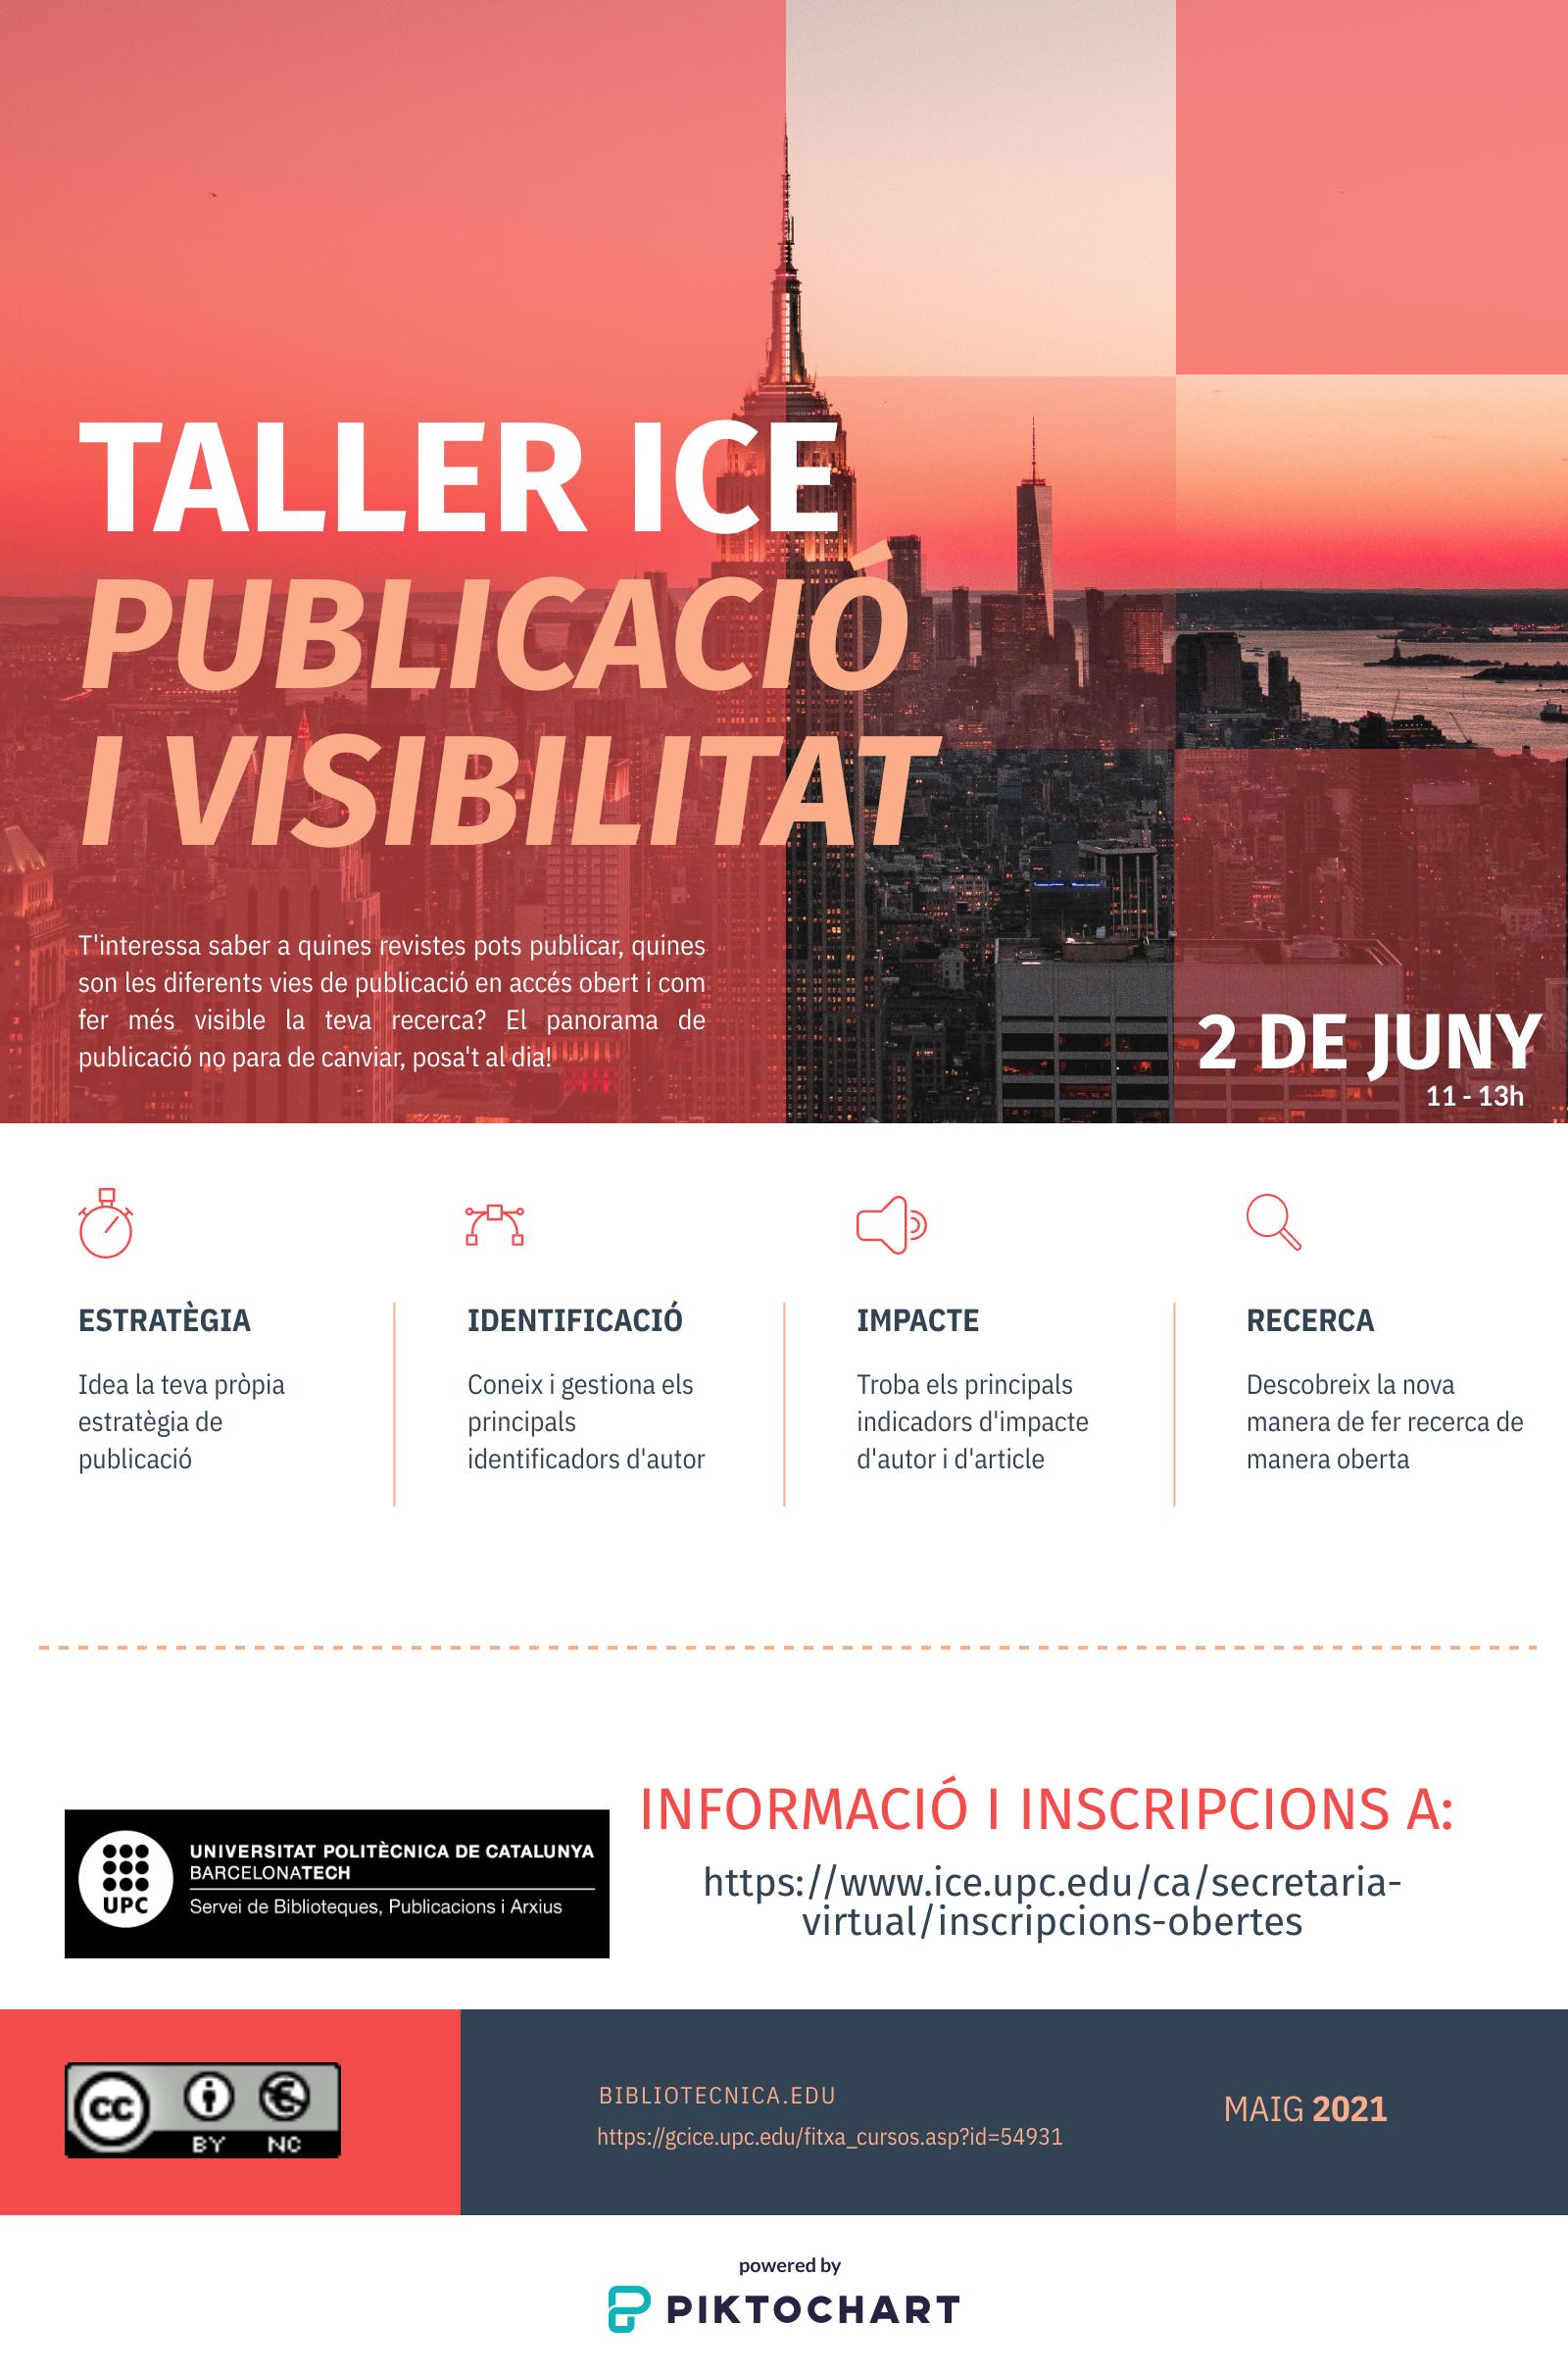 taller-ice_2 de juny.png